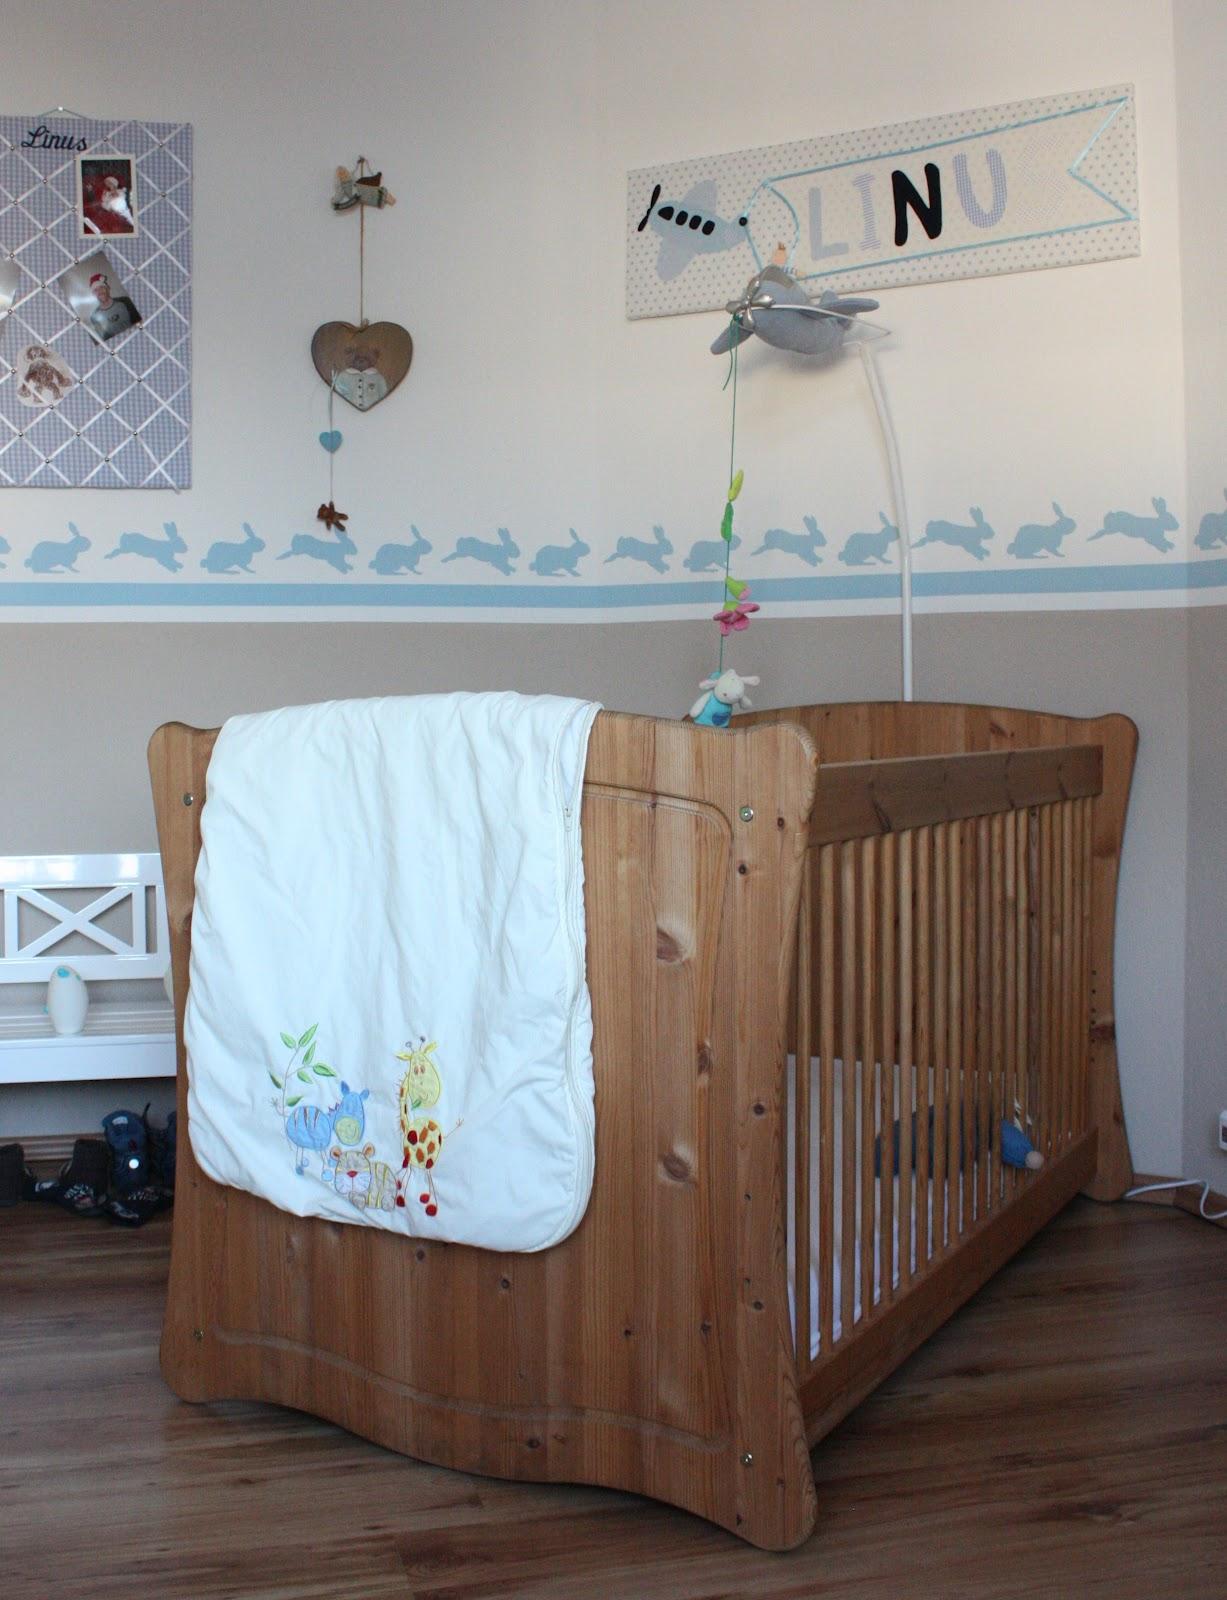 Simply Sweet Things: Beklebte Leinwand als Kinderzimmer-Deko